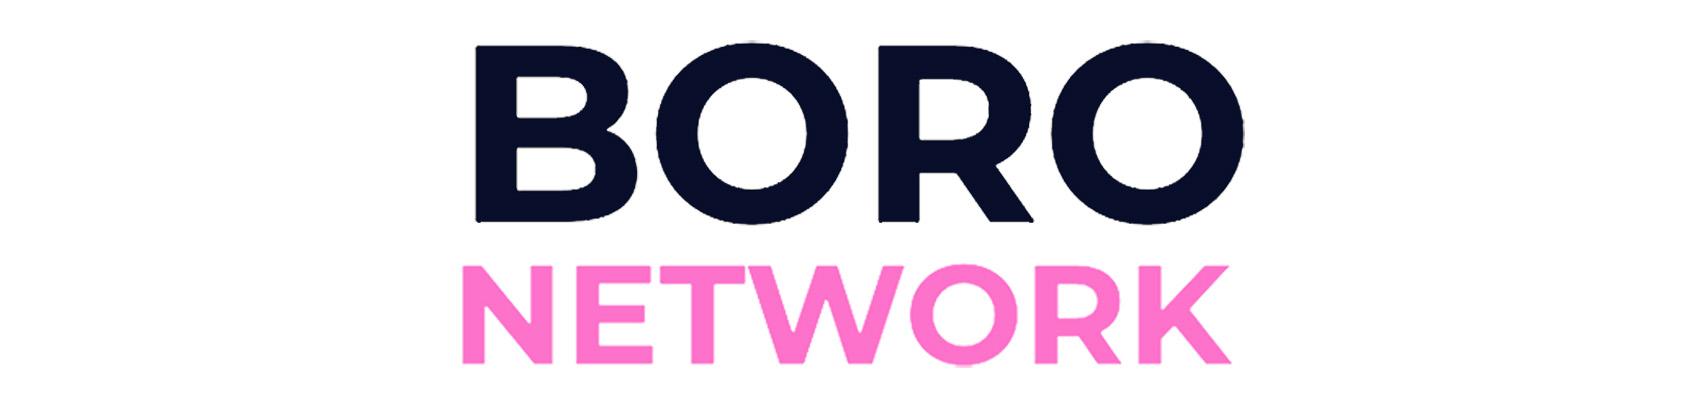 The Boro Network Logo